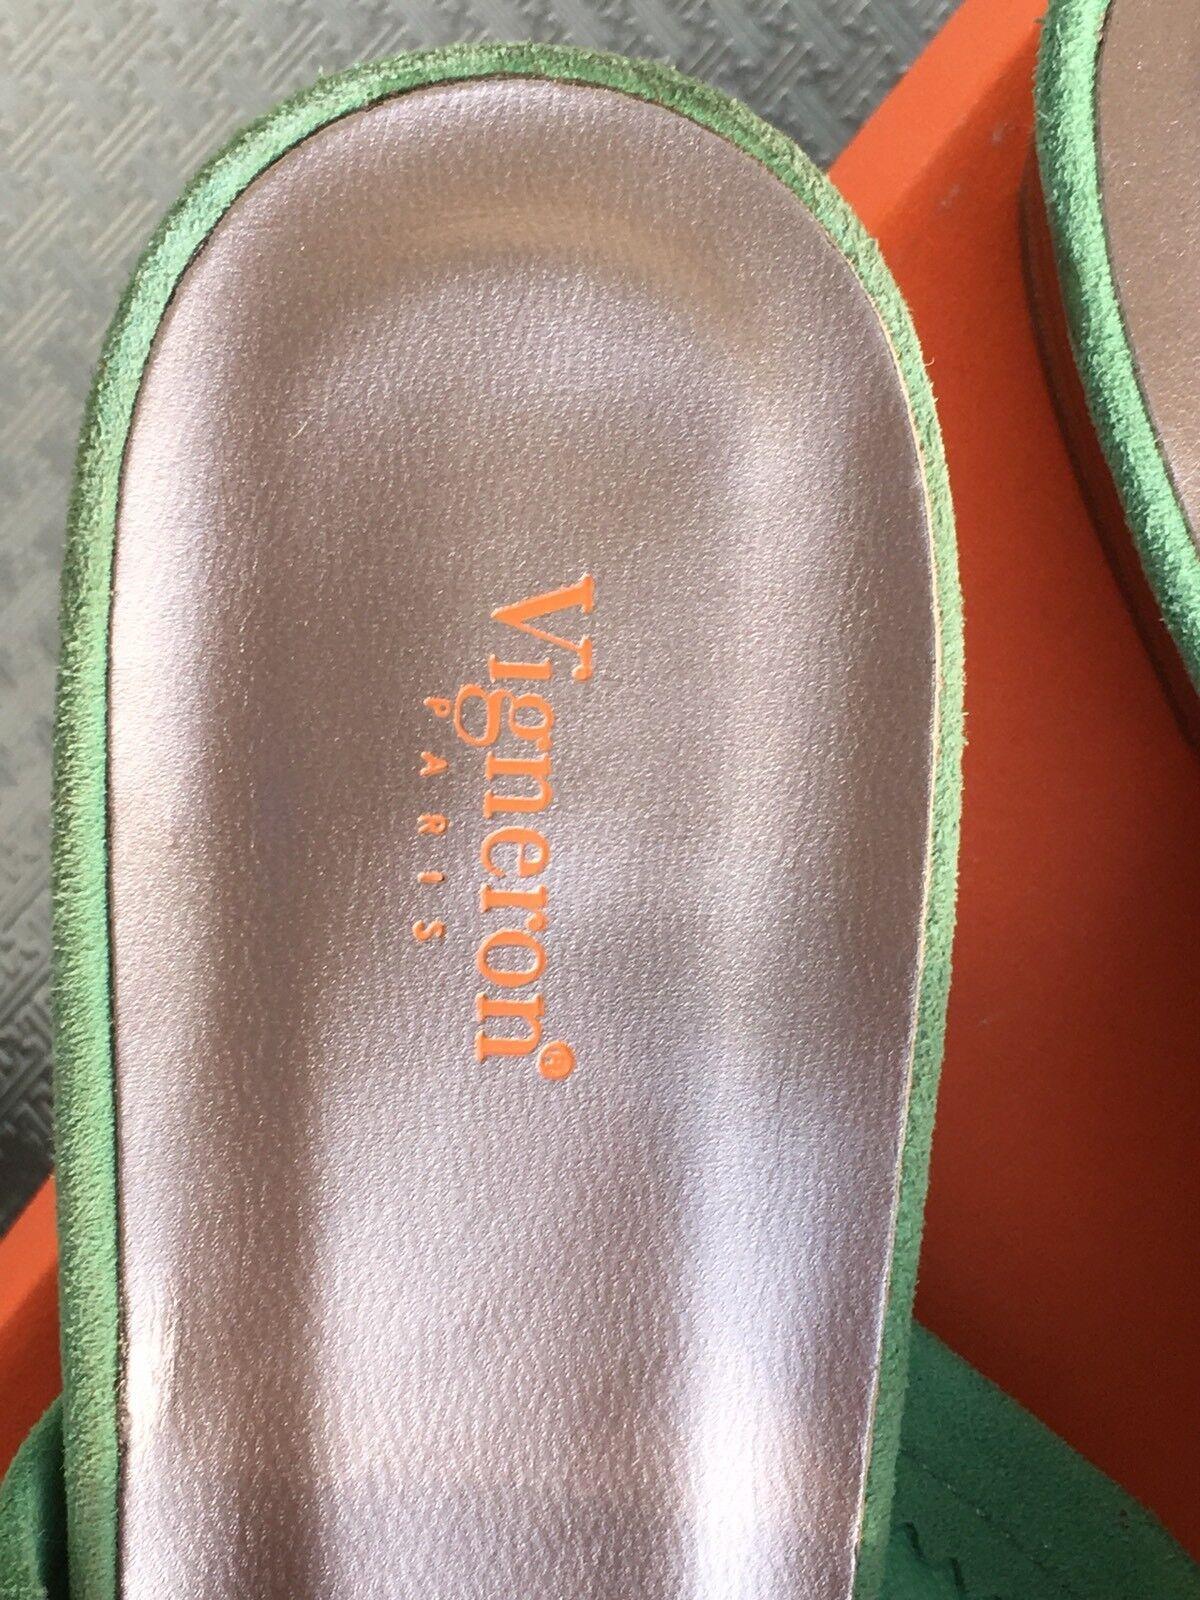 NEU LEDER bequeme Sommer Schuhe Ballerina LEDER NEU Gr.38  grün TOP MADE IN SPAIN 98e493